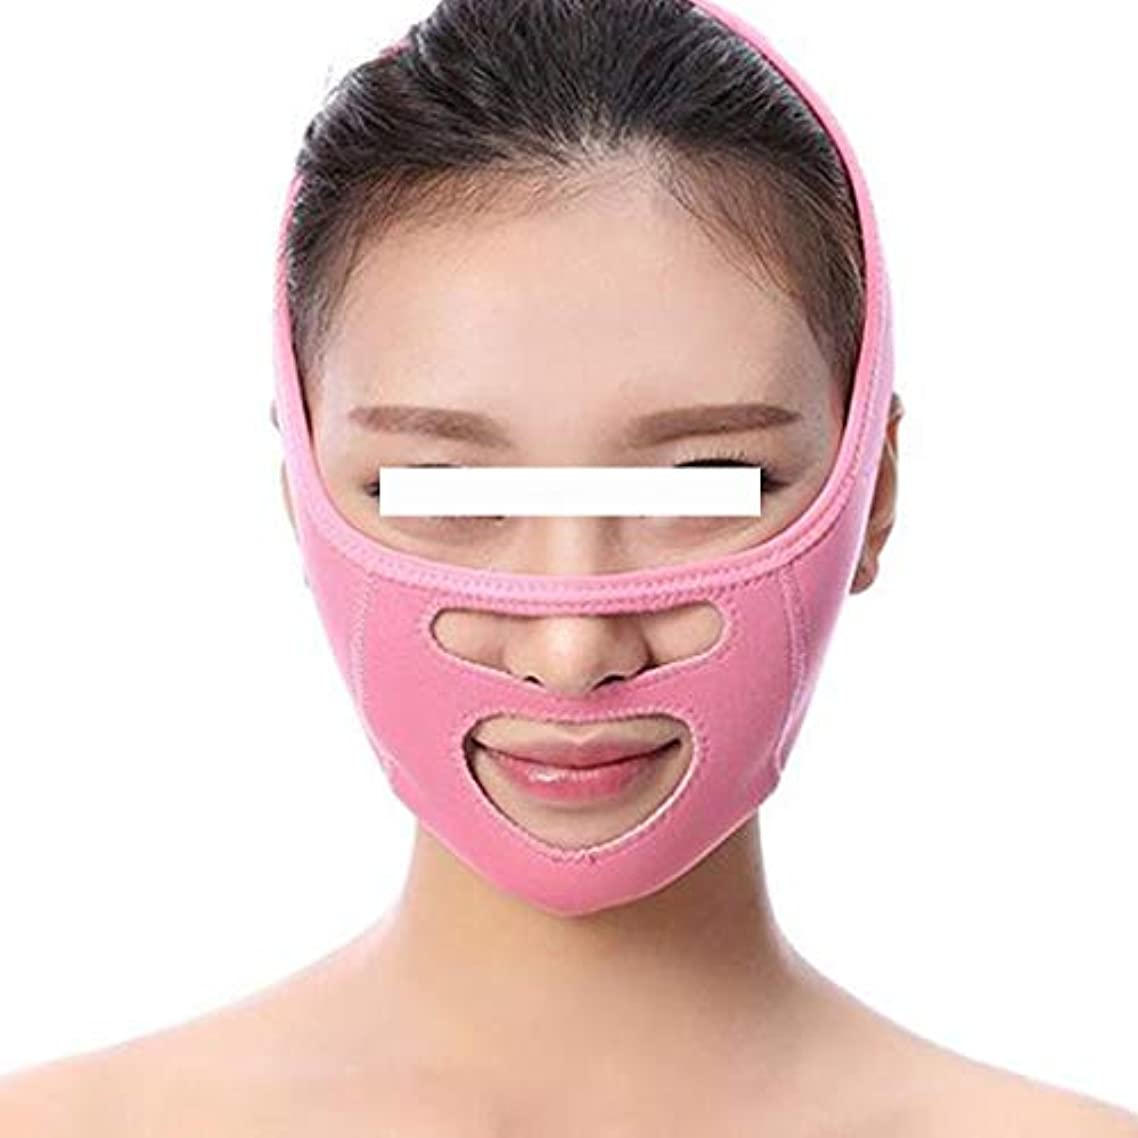 超音速忠実に液化する人気のVフェイスマスク - 睡眠小顔美容フェイス包帯 - Decreeダブルチンvフェイスに移動